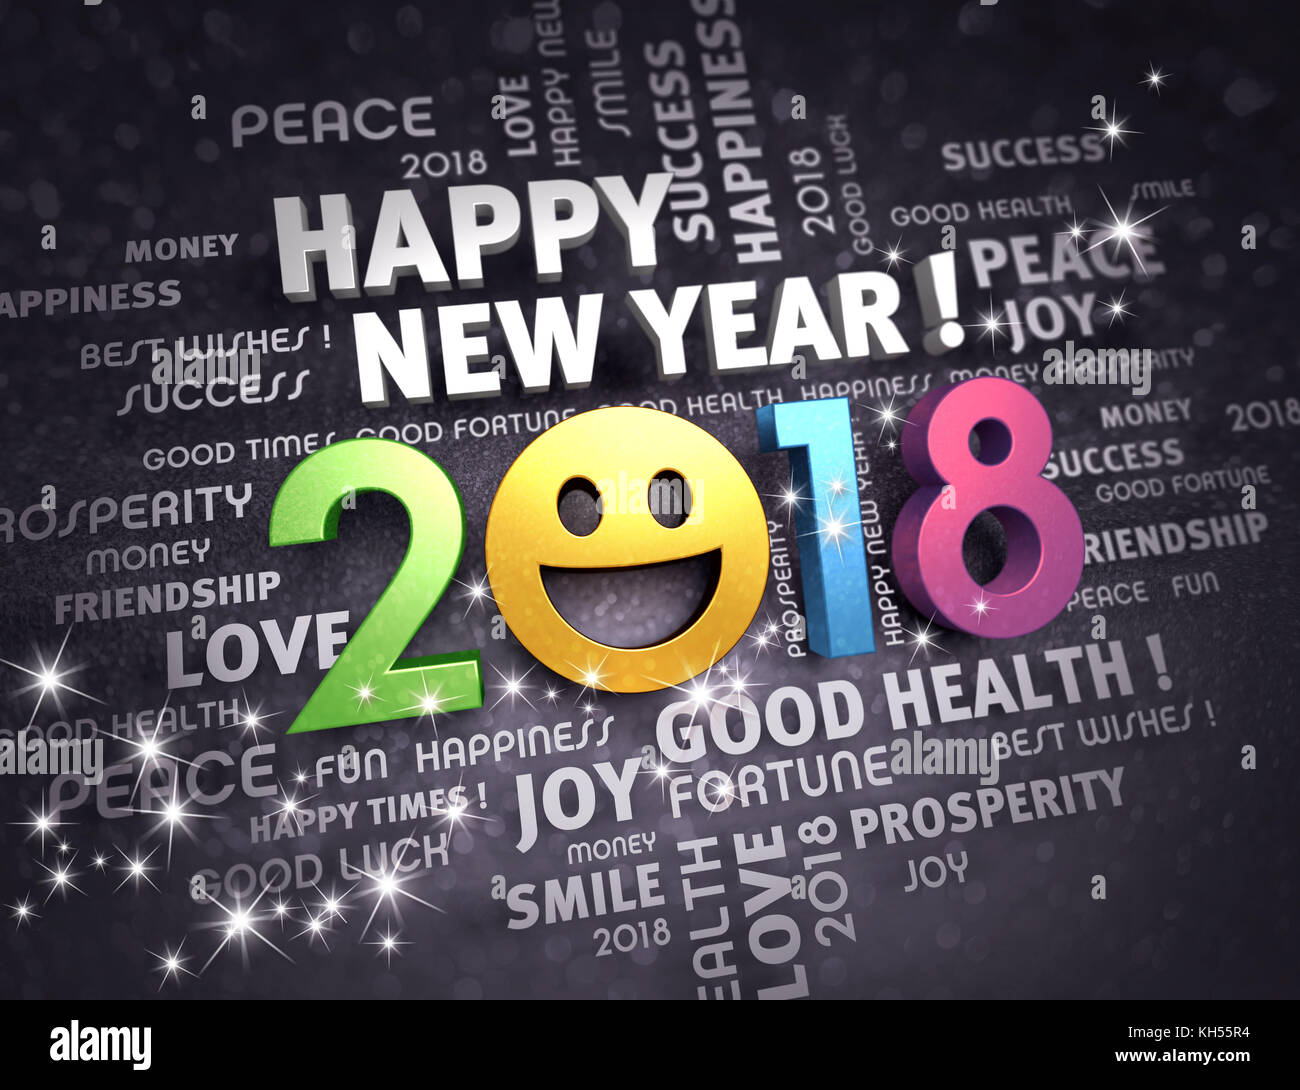 catholic new year wishes